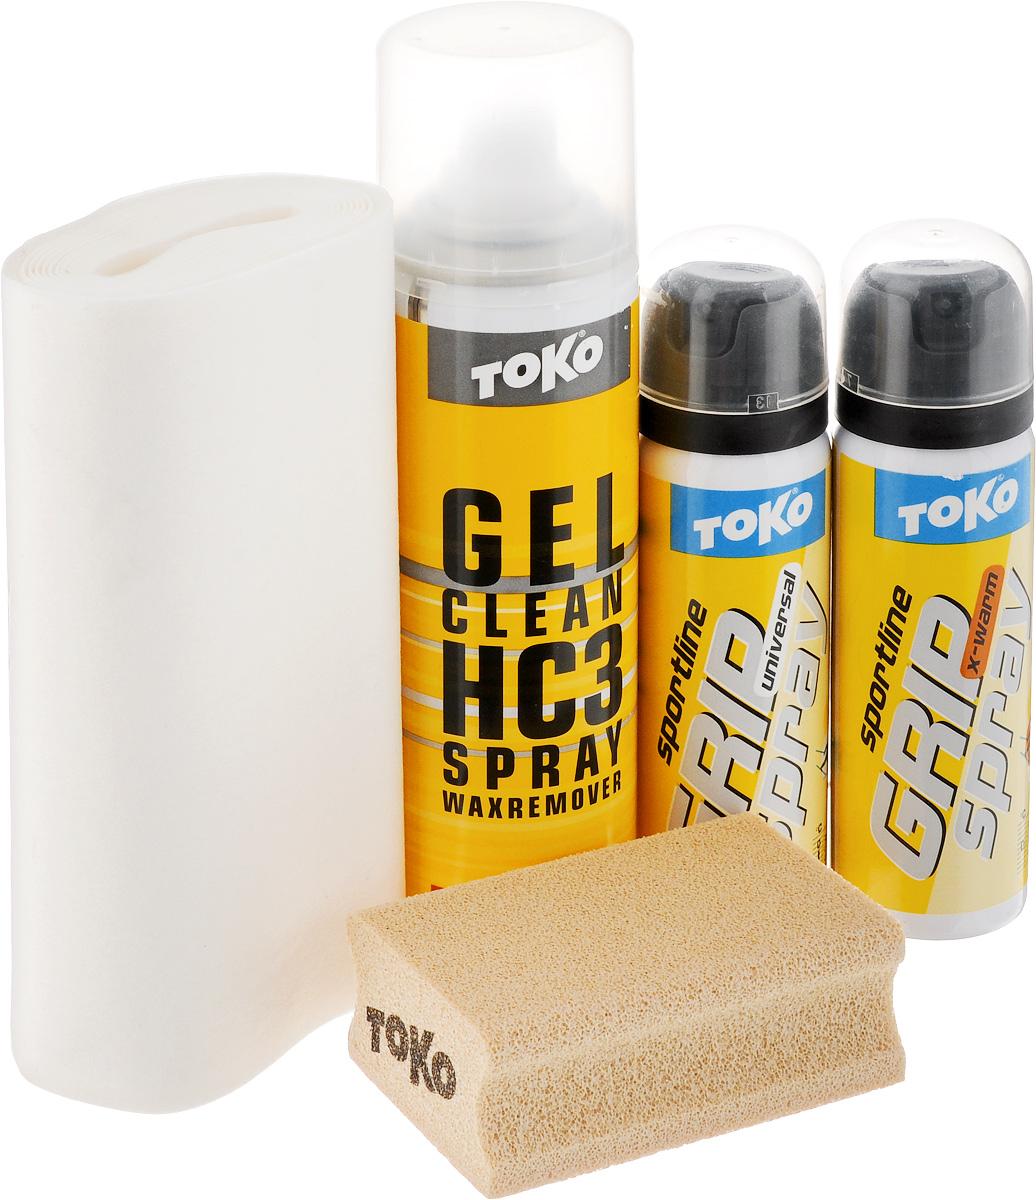 Набор для обработки лыж Toko Sport Line Grip Spray, 5 предметов(5508784) [4020-00060]Набор Sport Line Grip Spray - это идеальный помощник при занятии лыжным спортом. В набор входят: смывка, два спрея, специальная пробка и ткань для обработки поверхностей. Смывка-спрей предназначен для очистки колодки на лыжах. Спреи предназначены для держания при отталкивания в разных температурных условиях. Специальная ткань и пробка помогут вам обработать лыжи быстро и качественно. Порадуйте себя качественным и полезным набором. Объем гель-спрея Gel Clean: 150 мл. Объем спрея Grip Spray Universal: 70 мл. Объем спрея Grip Spray X-warm: 70 мл. Размер пробки: 7,7 х 5 х 3 см. Товар сертифицирован.